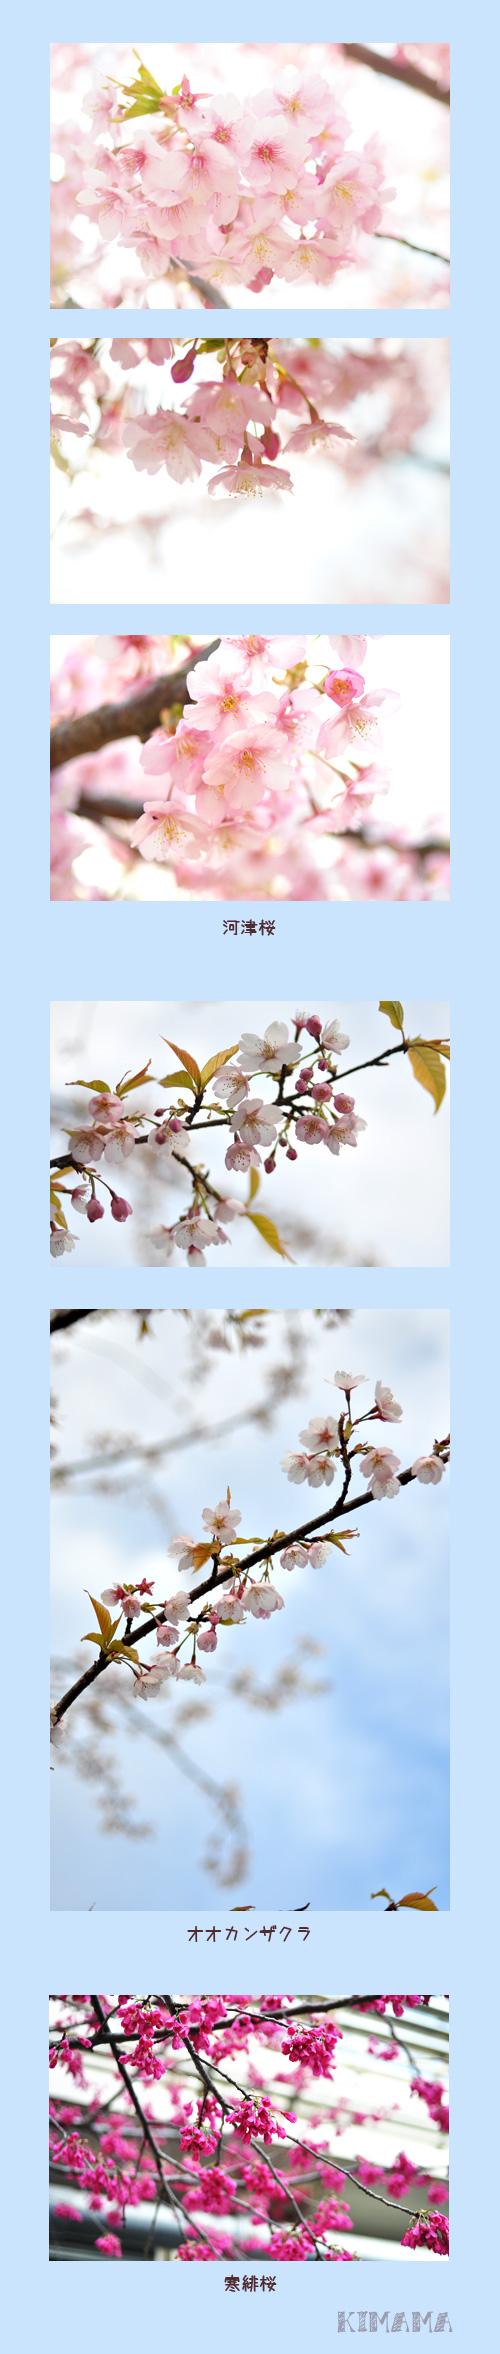 3月26日お花見2